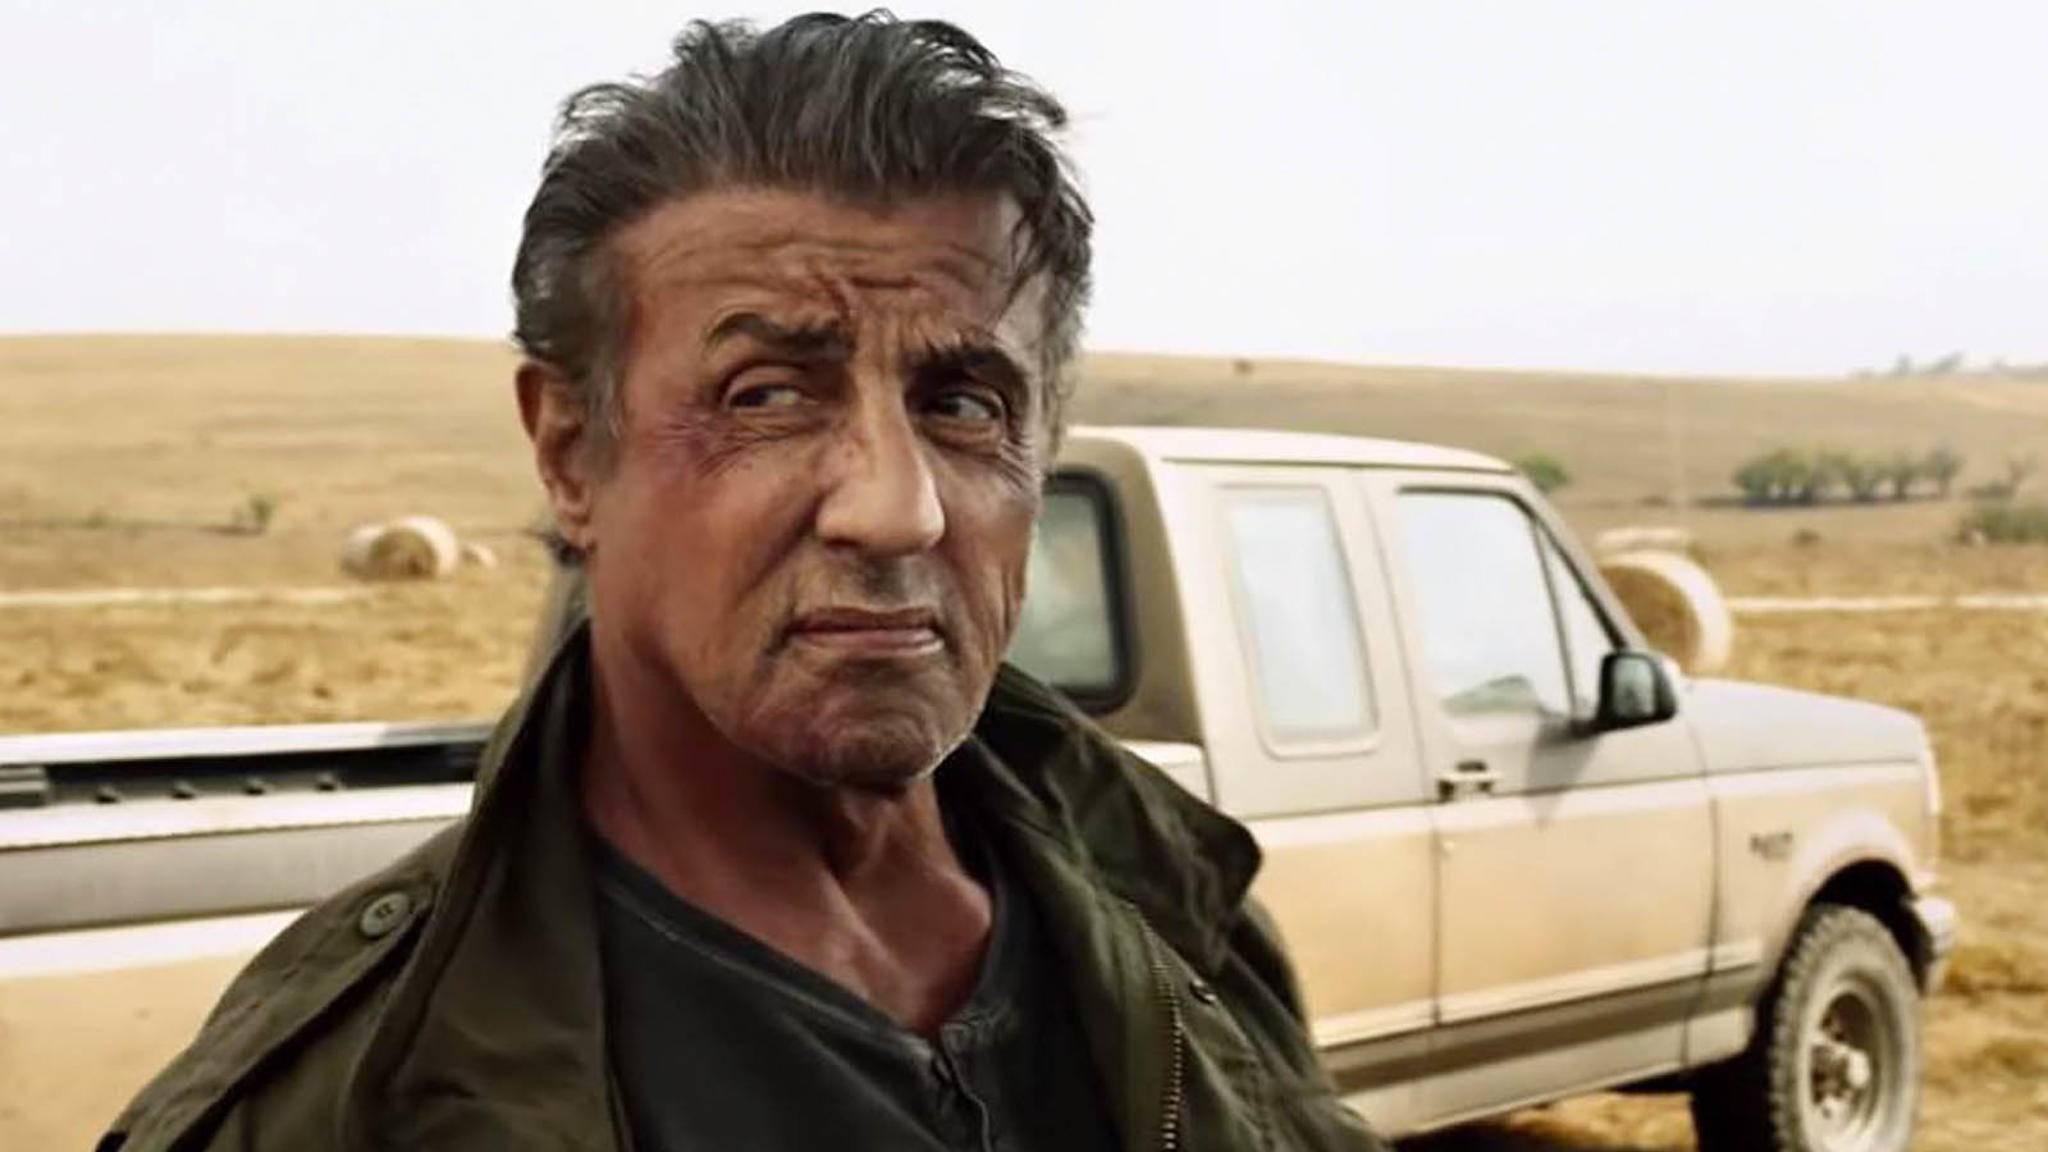 """Sly gewährt uns einen neuen Blick hinter die Kulissen von """"Rambo 5: Last Blood""""."""